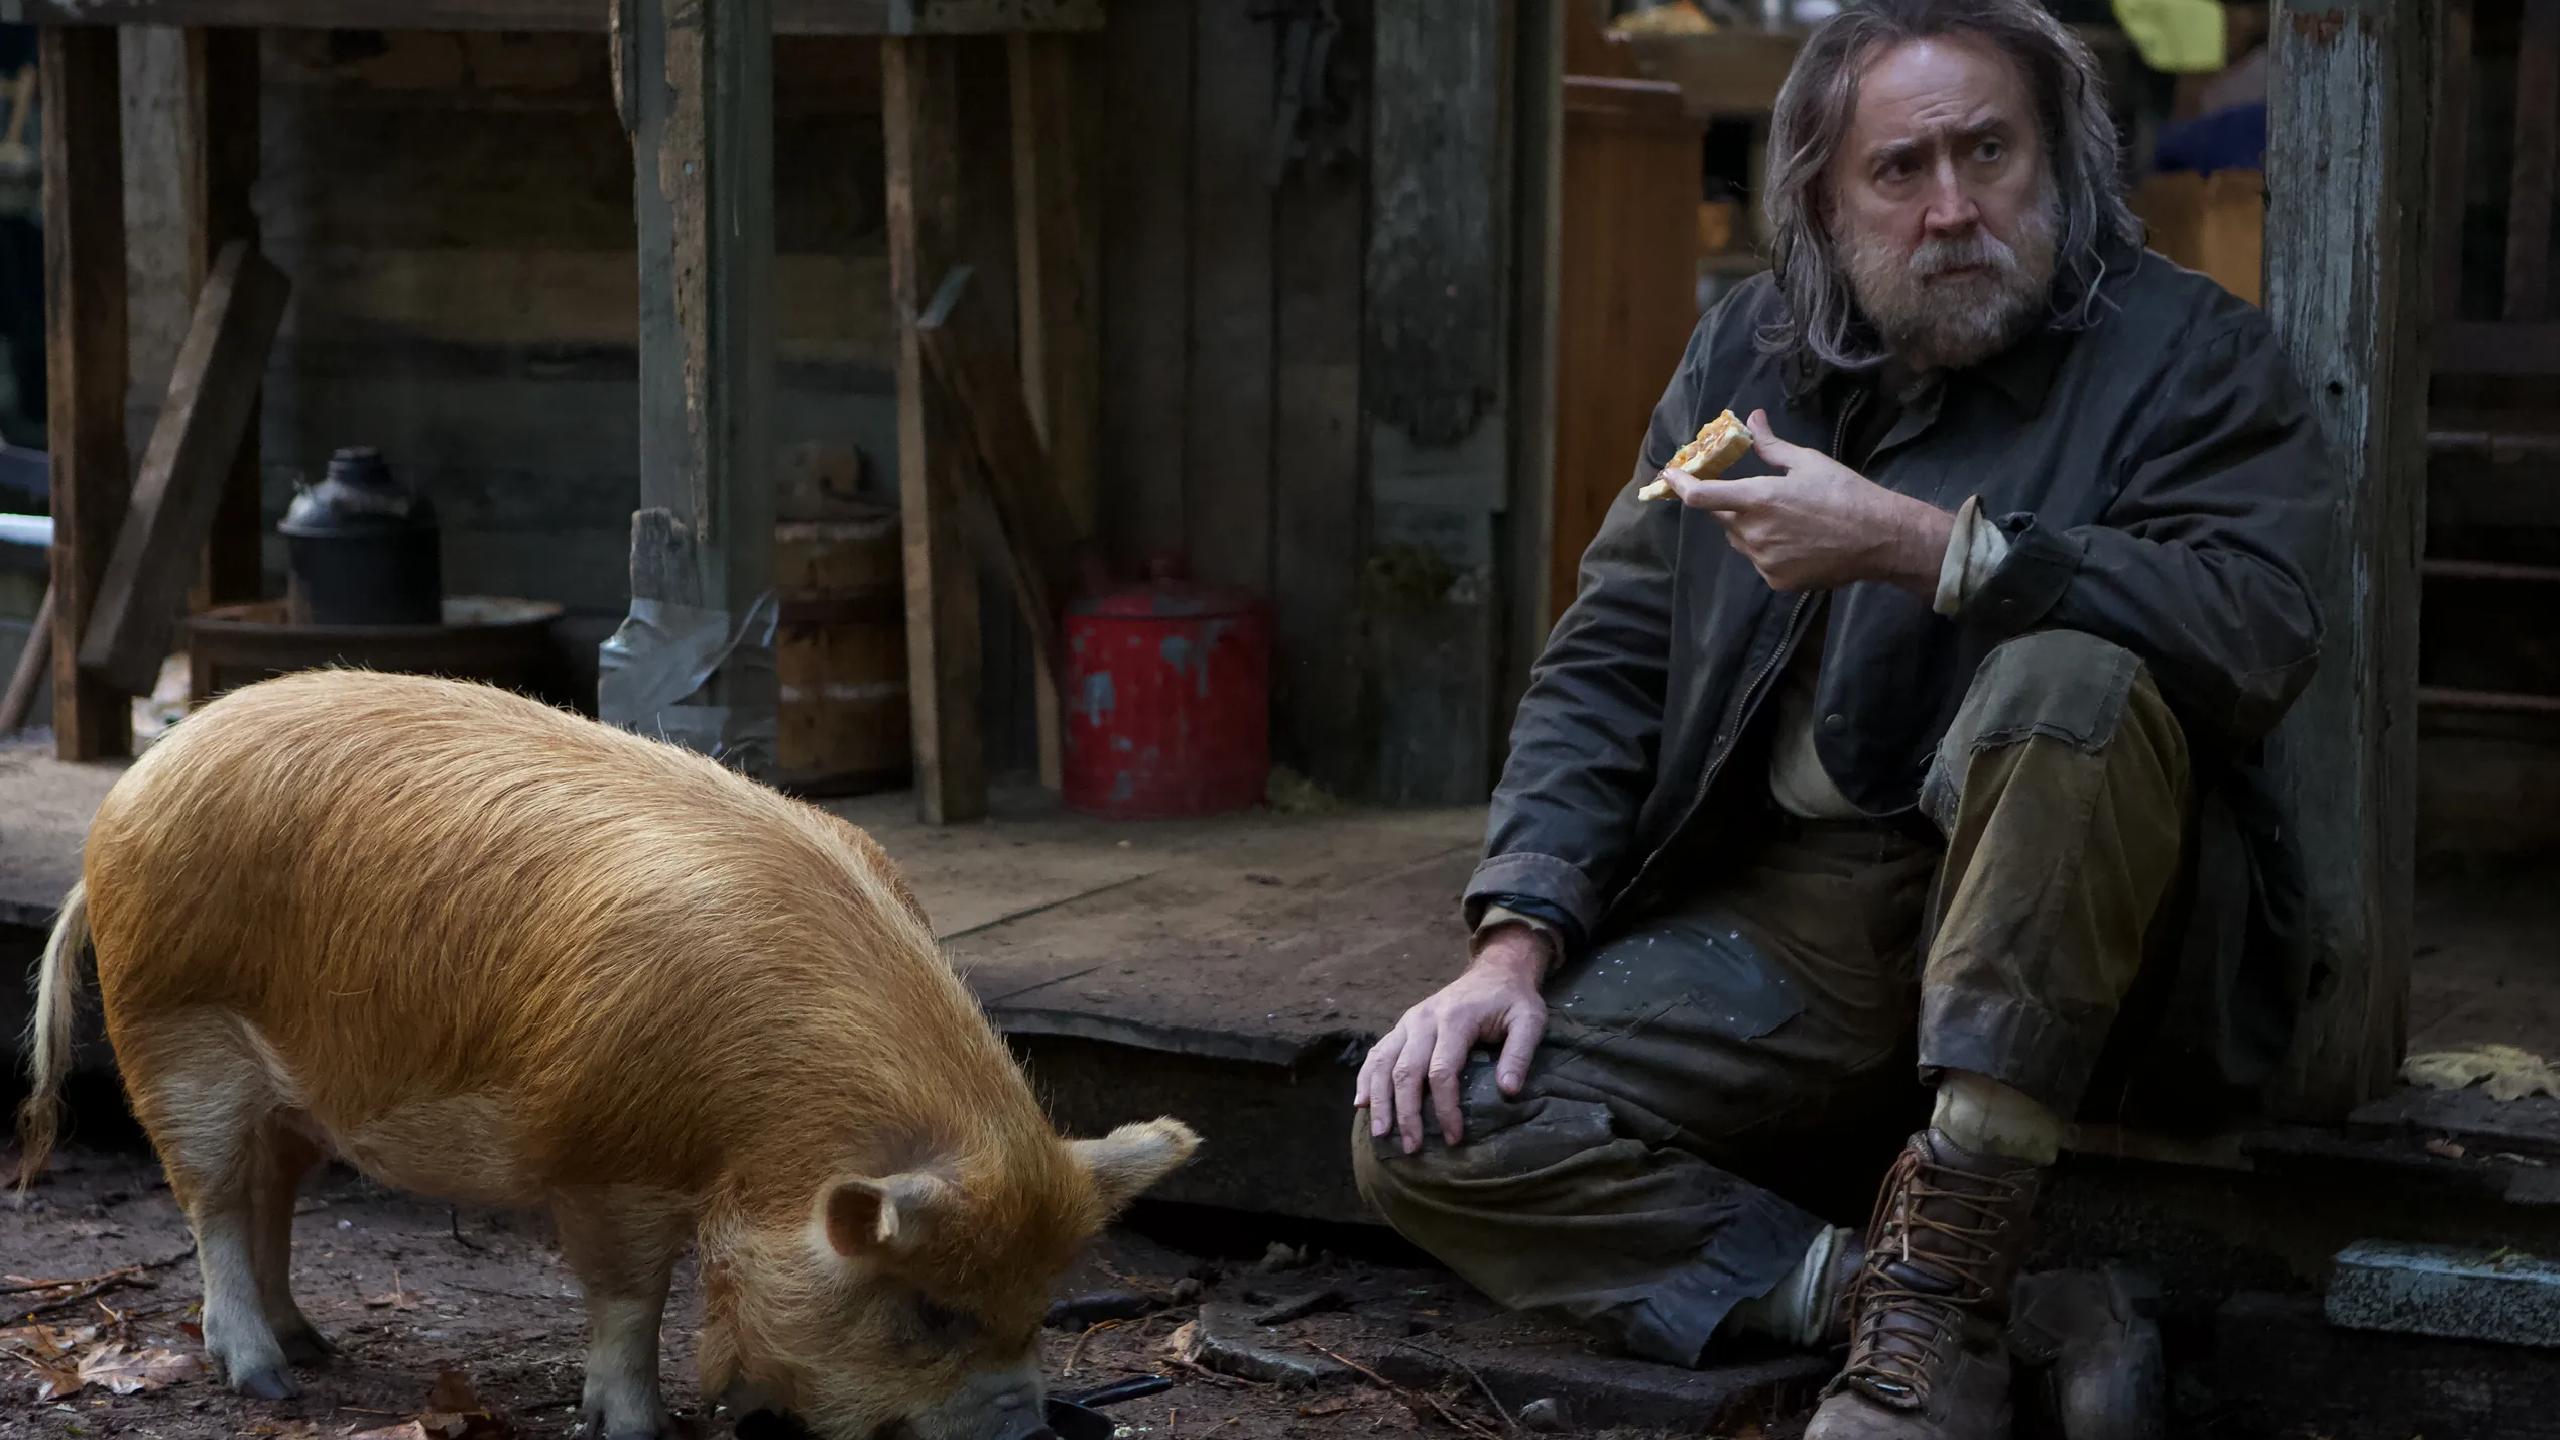 Nic Cage Pig Movie